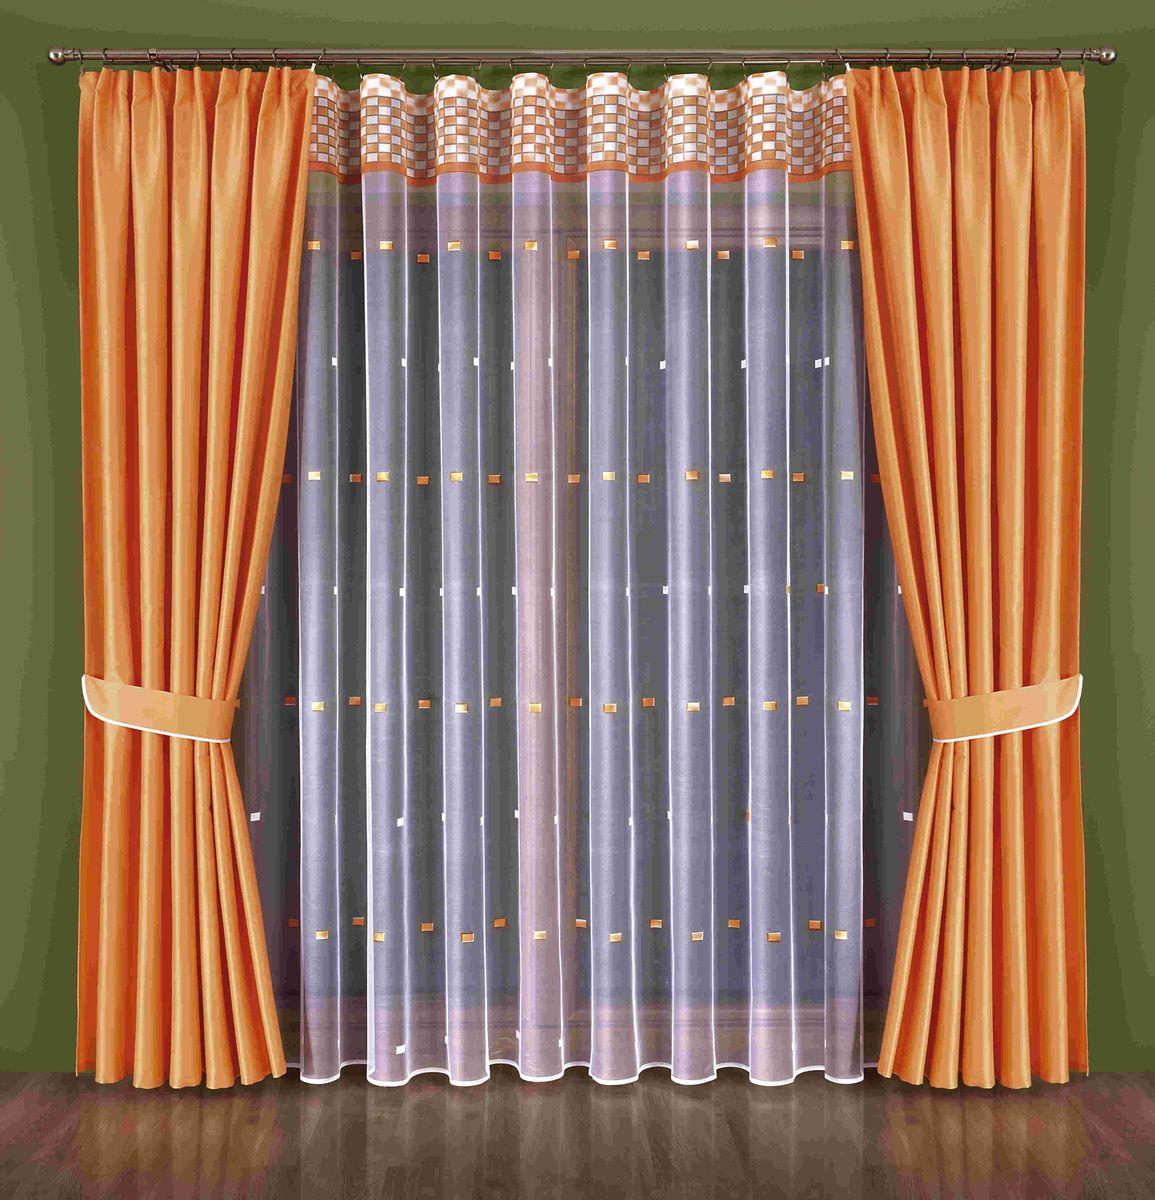 Комплект штор Wisan Kenza, на ленте, цвет: оранжевый, белый, высота 250 см комплект штор wisan lara на ленте цвет оранжевый белый высота 250 см